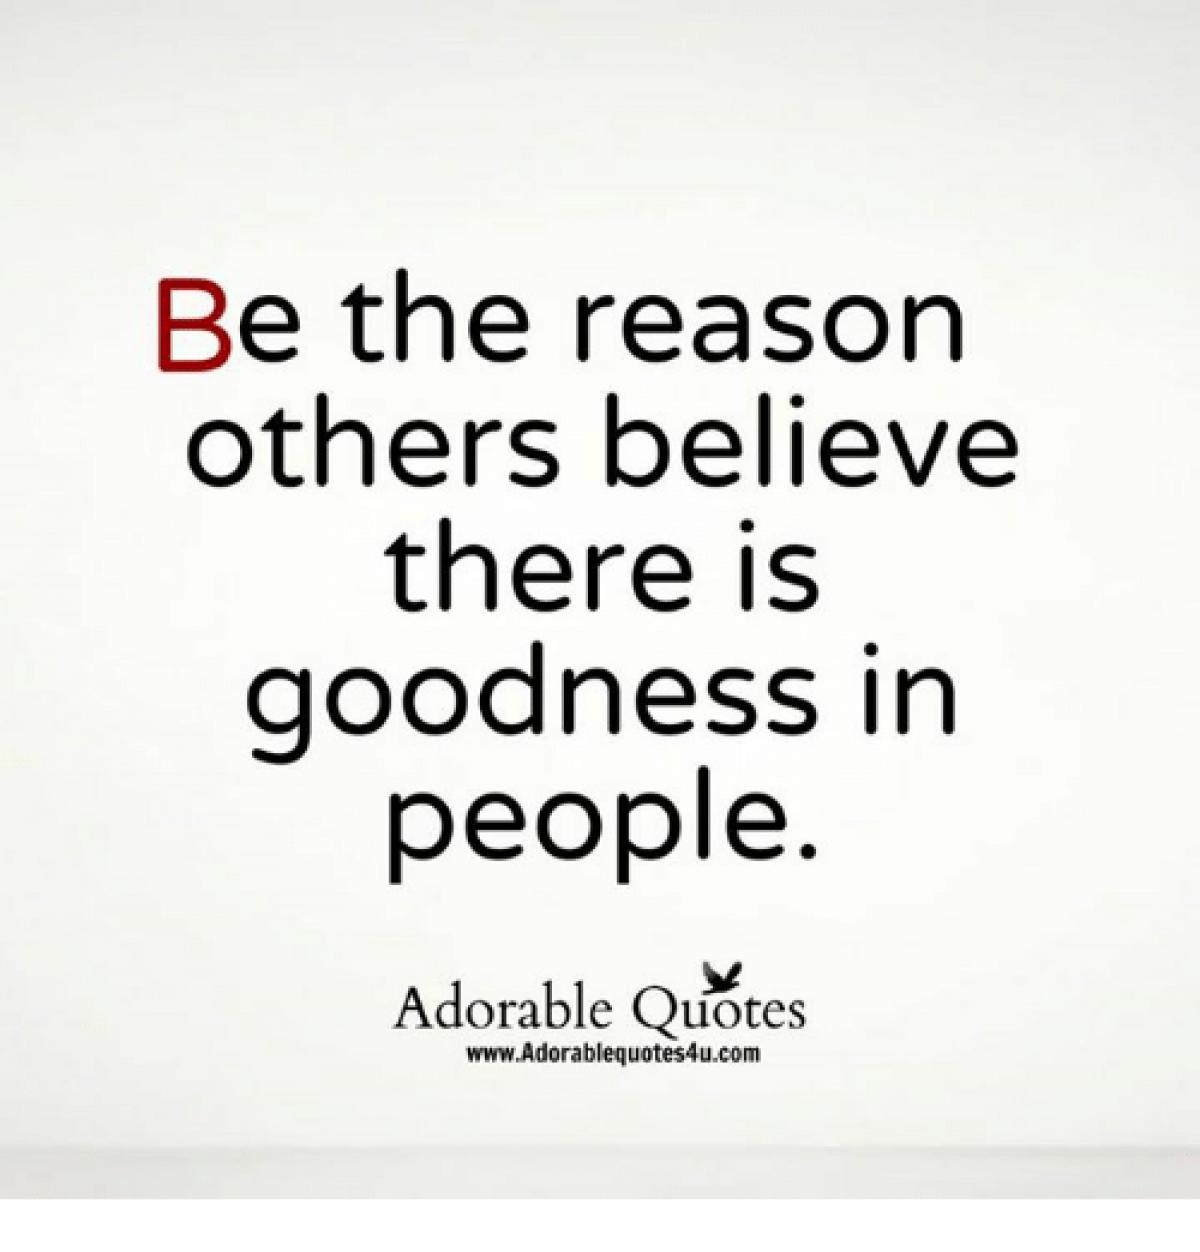 Οι άνθρωποι αλλάζουν πιο εύκολα όταν κάποιος πιστέψει σε αυτούς